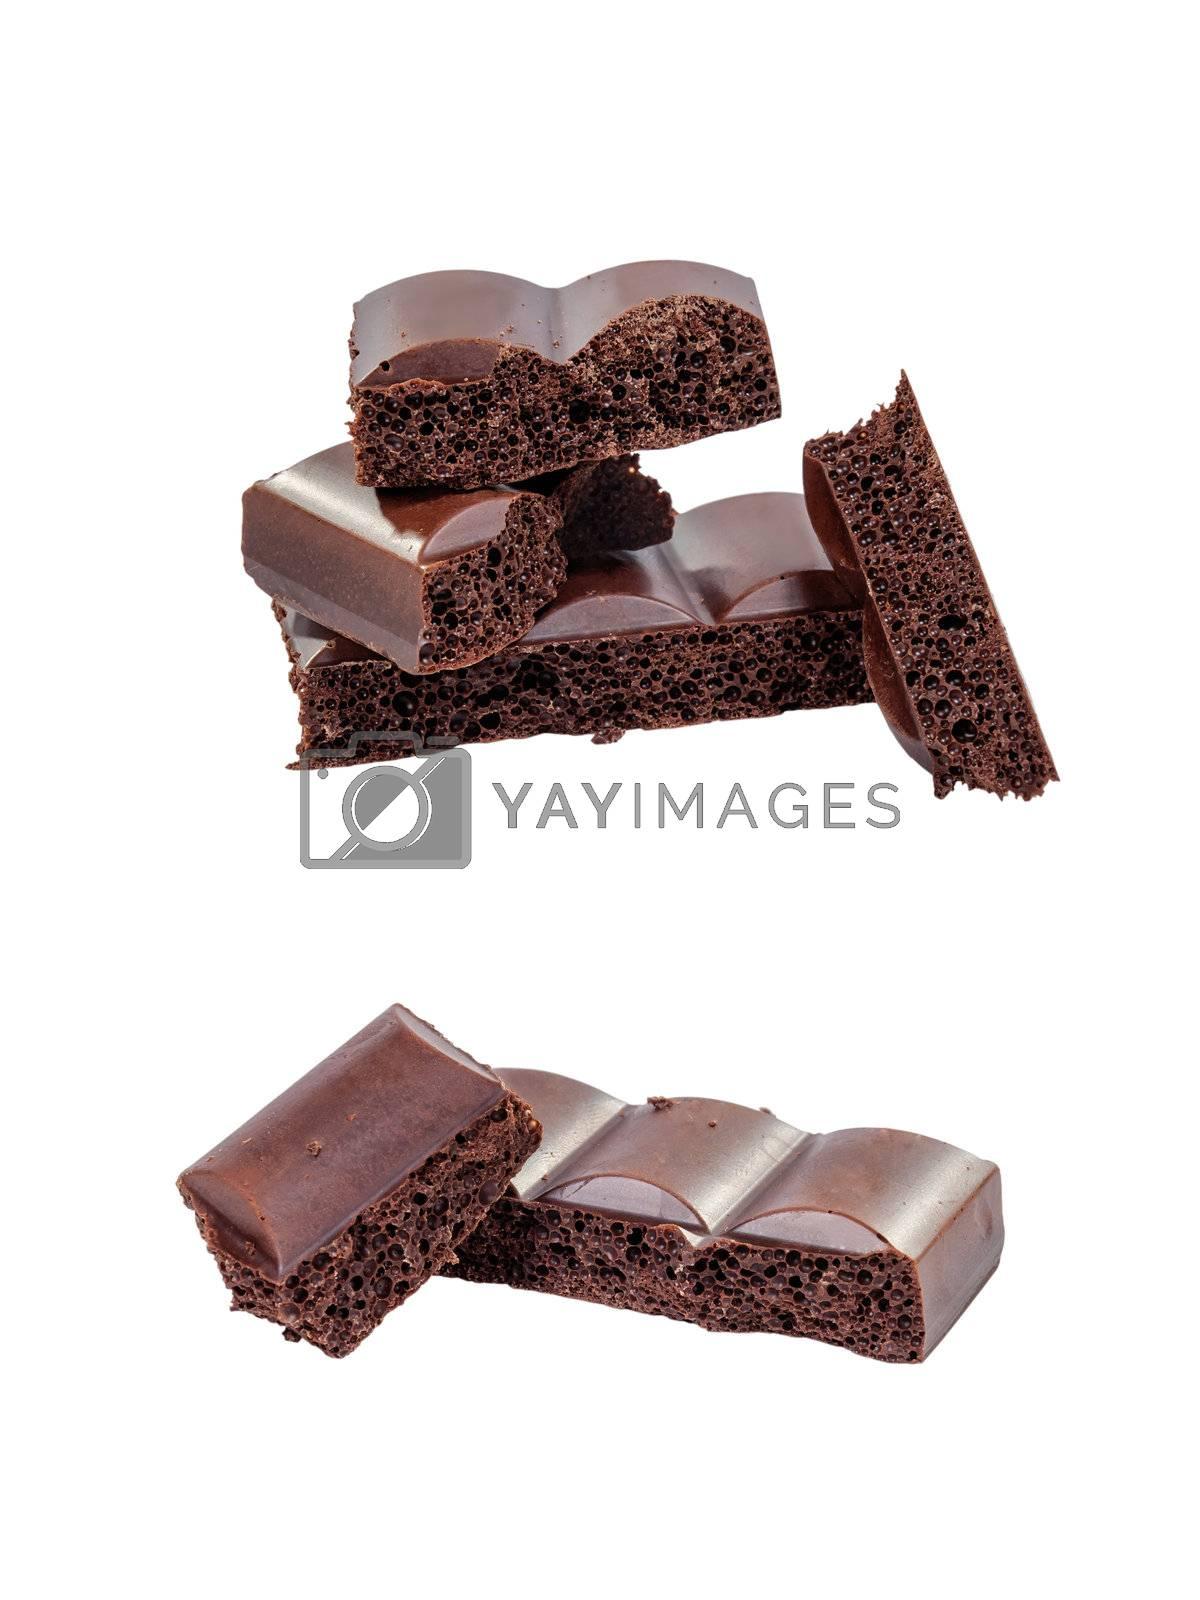 Half black chocolate bars isolated on white background, set